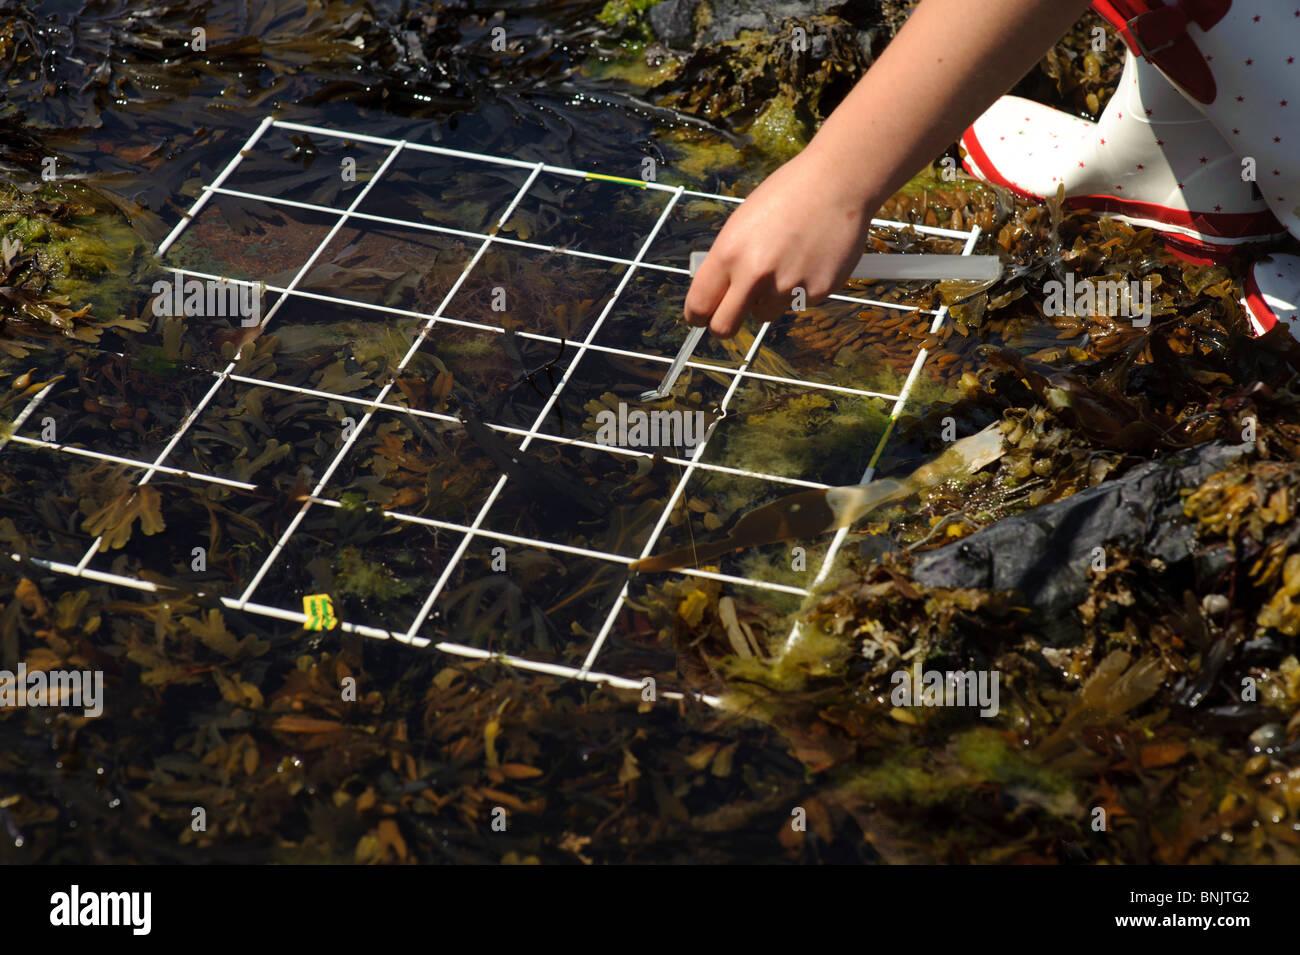 Estudiante de Bachillerato internacional utilizando grid estudiar biología marina en rocas UK Imagen De Stock